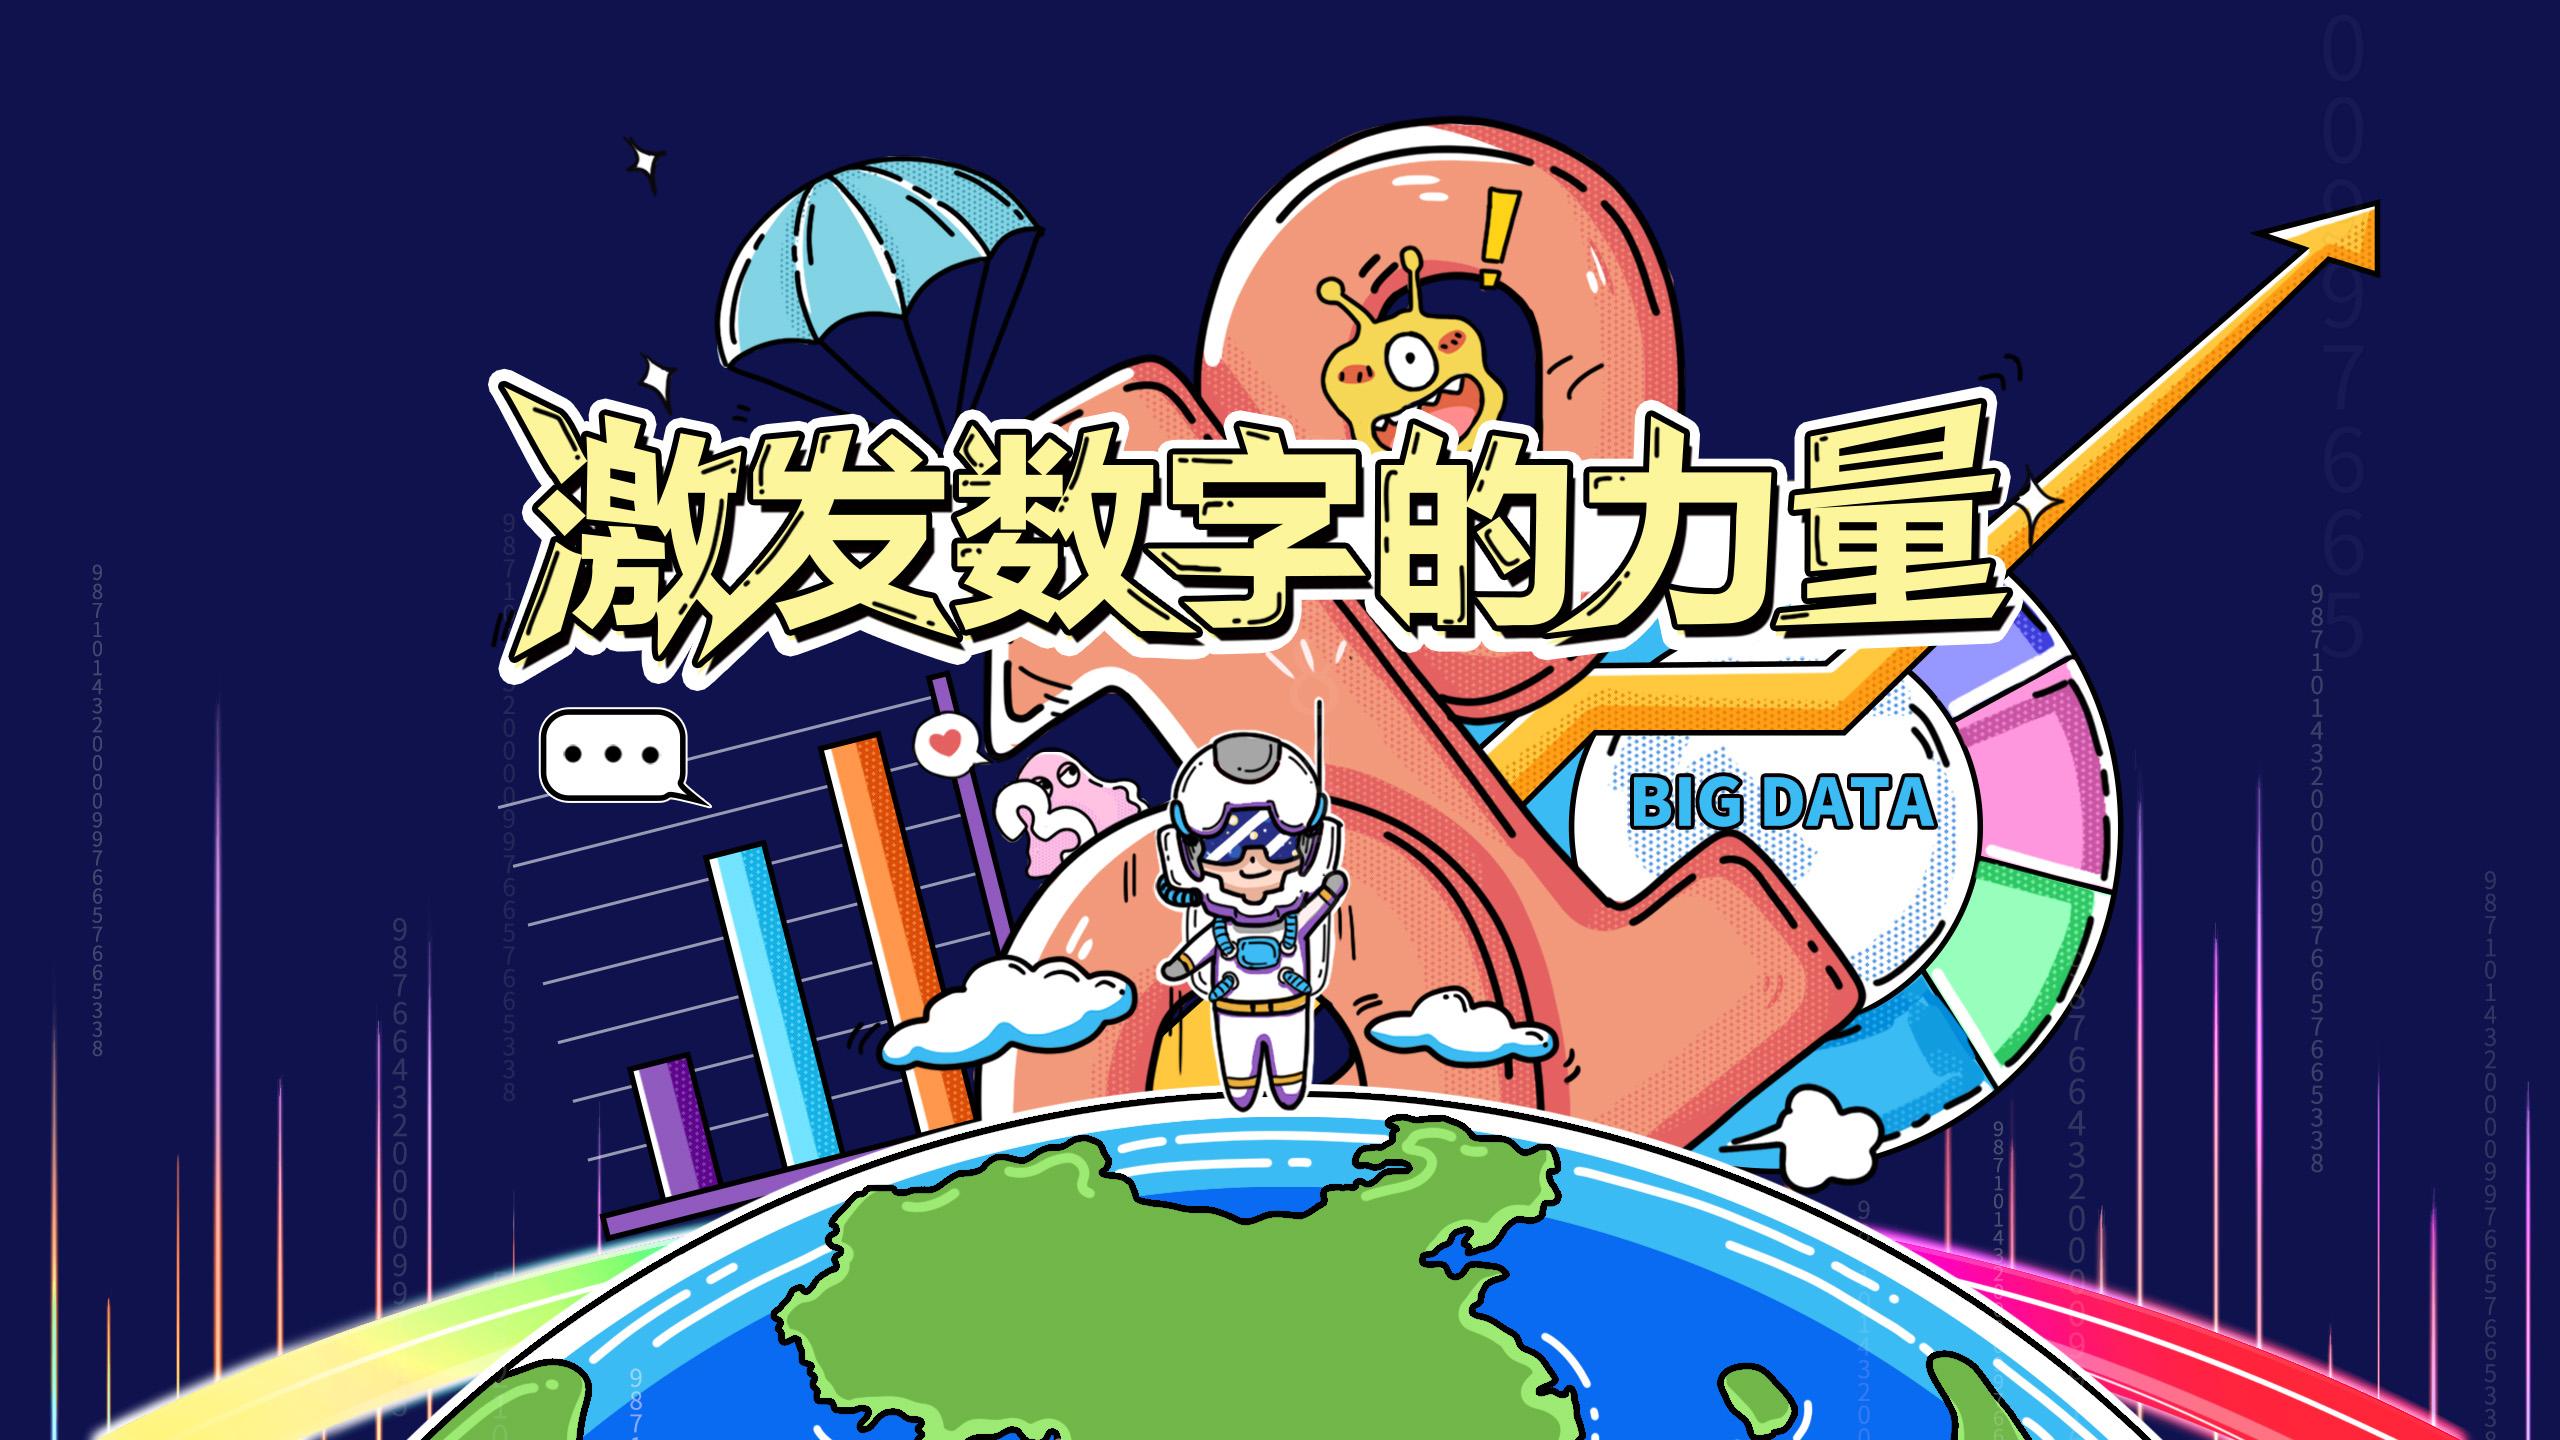 【商业插画】卡通形象手绘插画四格漫画手绘吉祥物插画H5插画